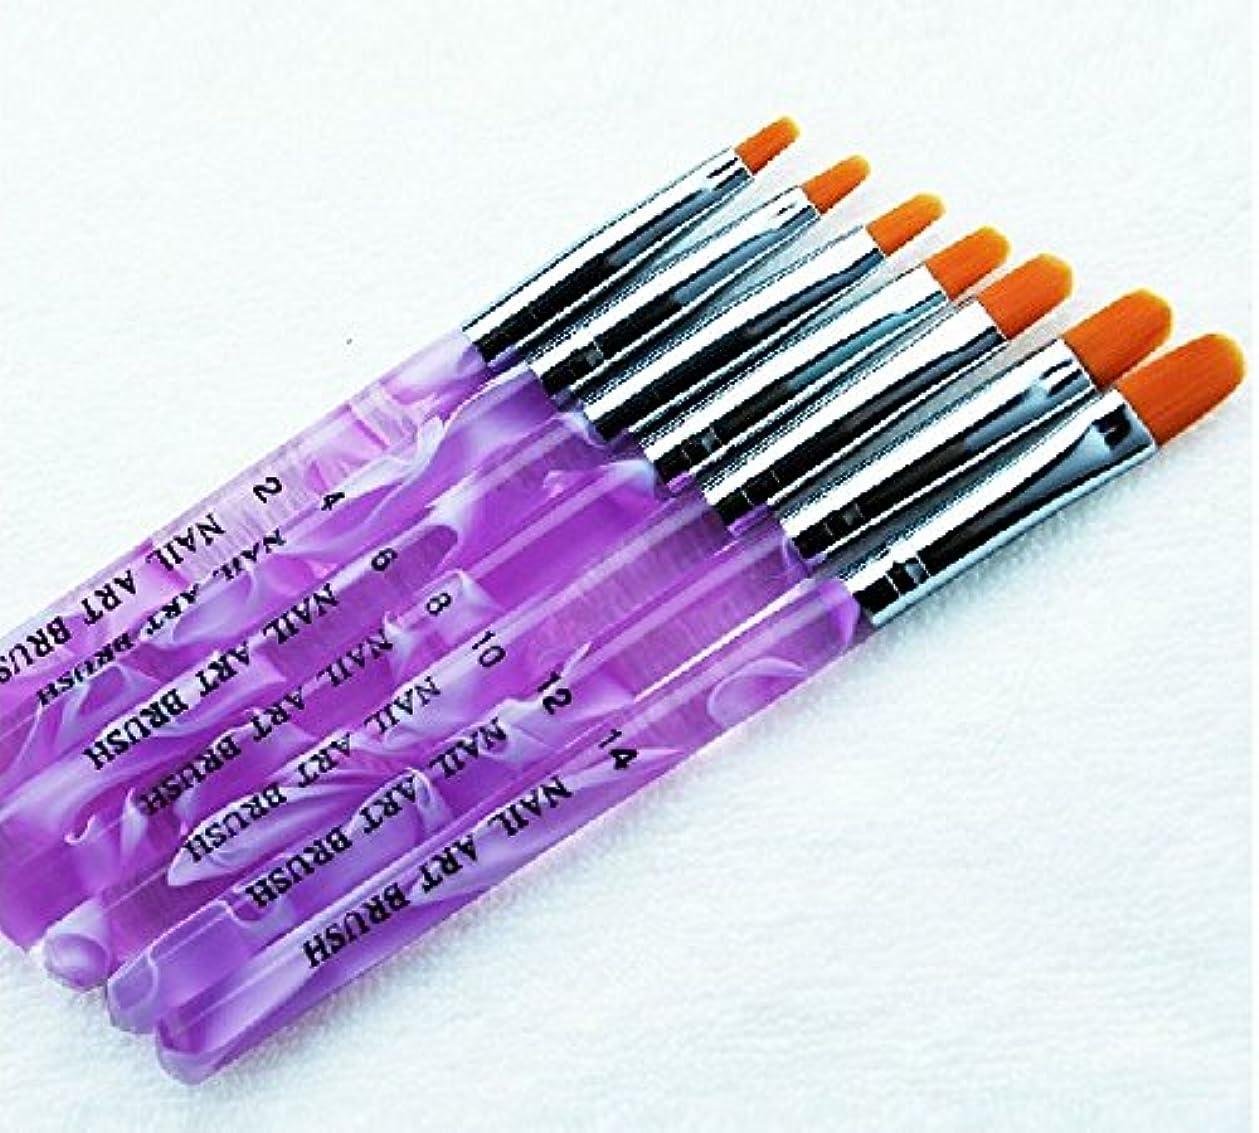 不快な編集する剛性POT ジェル ネイルブラシ 7本セット UV用 ジェルブラシ 平筆ブラシ 使い分けに ナンバー 印字 入り